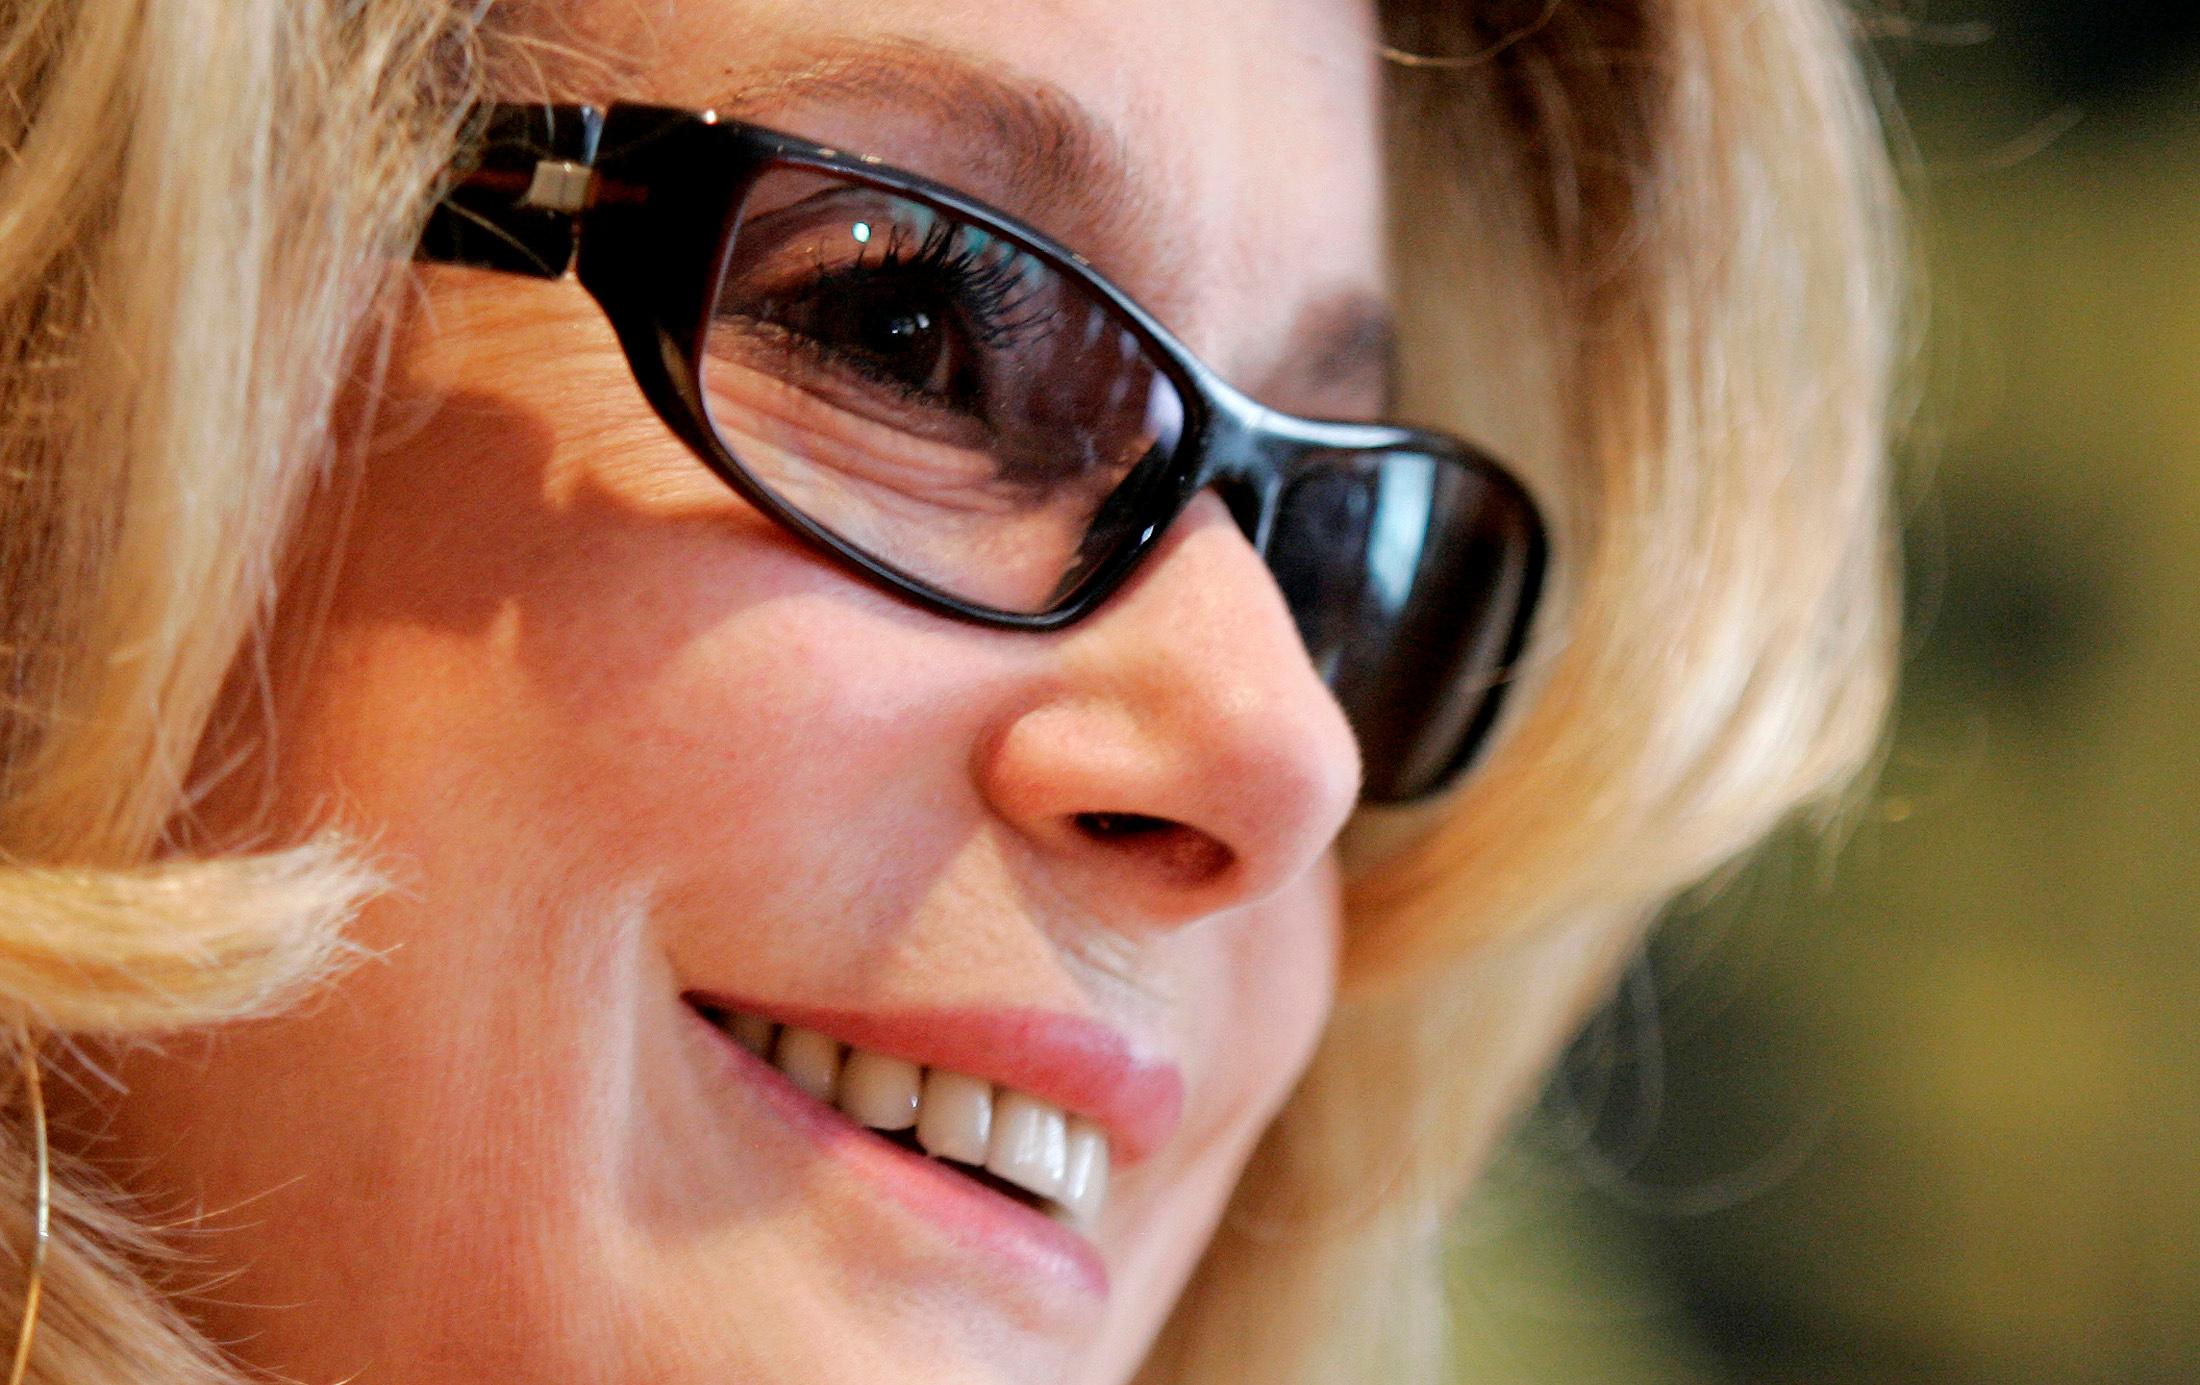 Catherine Dorléac dite Catherine Deneuve est une actrice française, née le 22 octobre 1943 dans le 17e arrondissement de Paris.